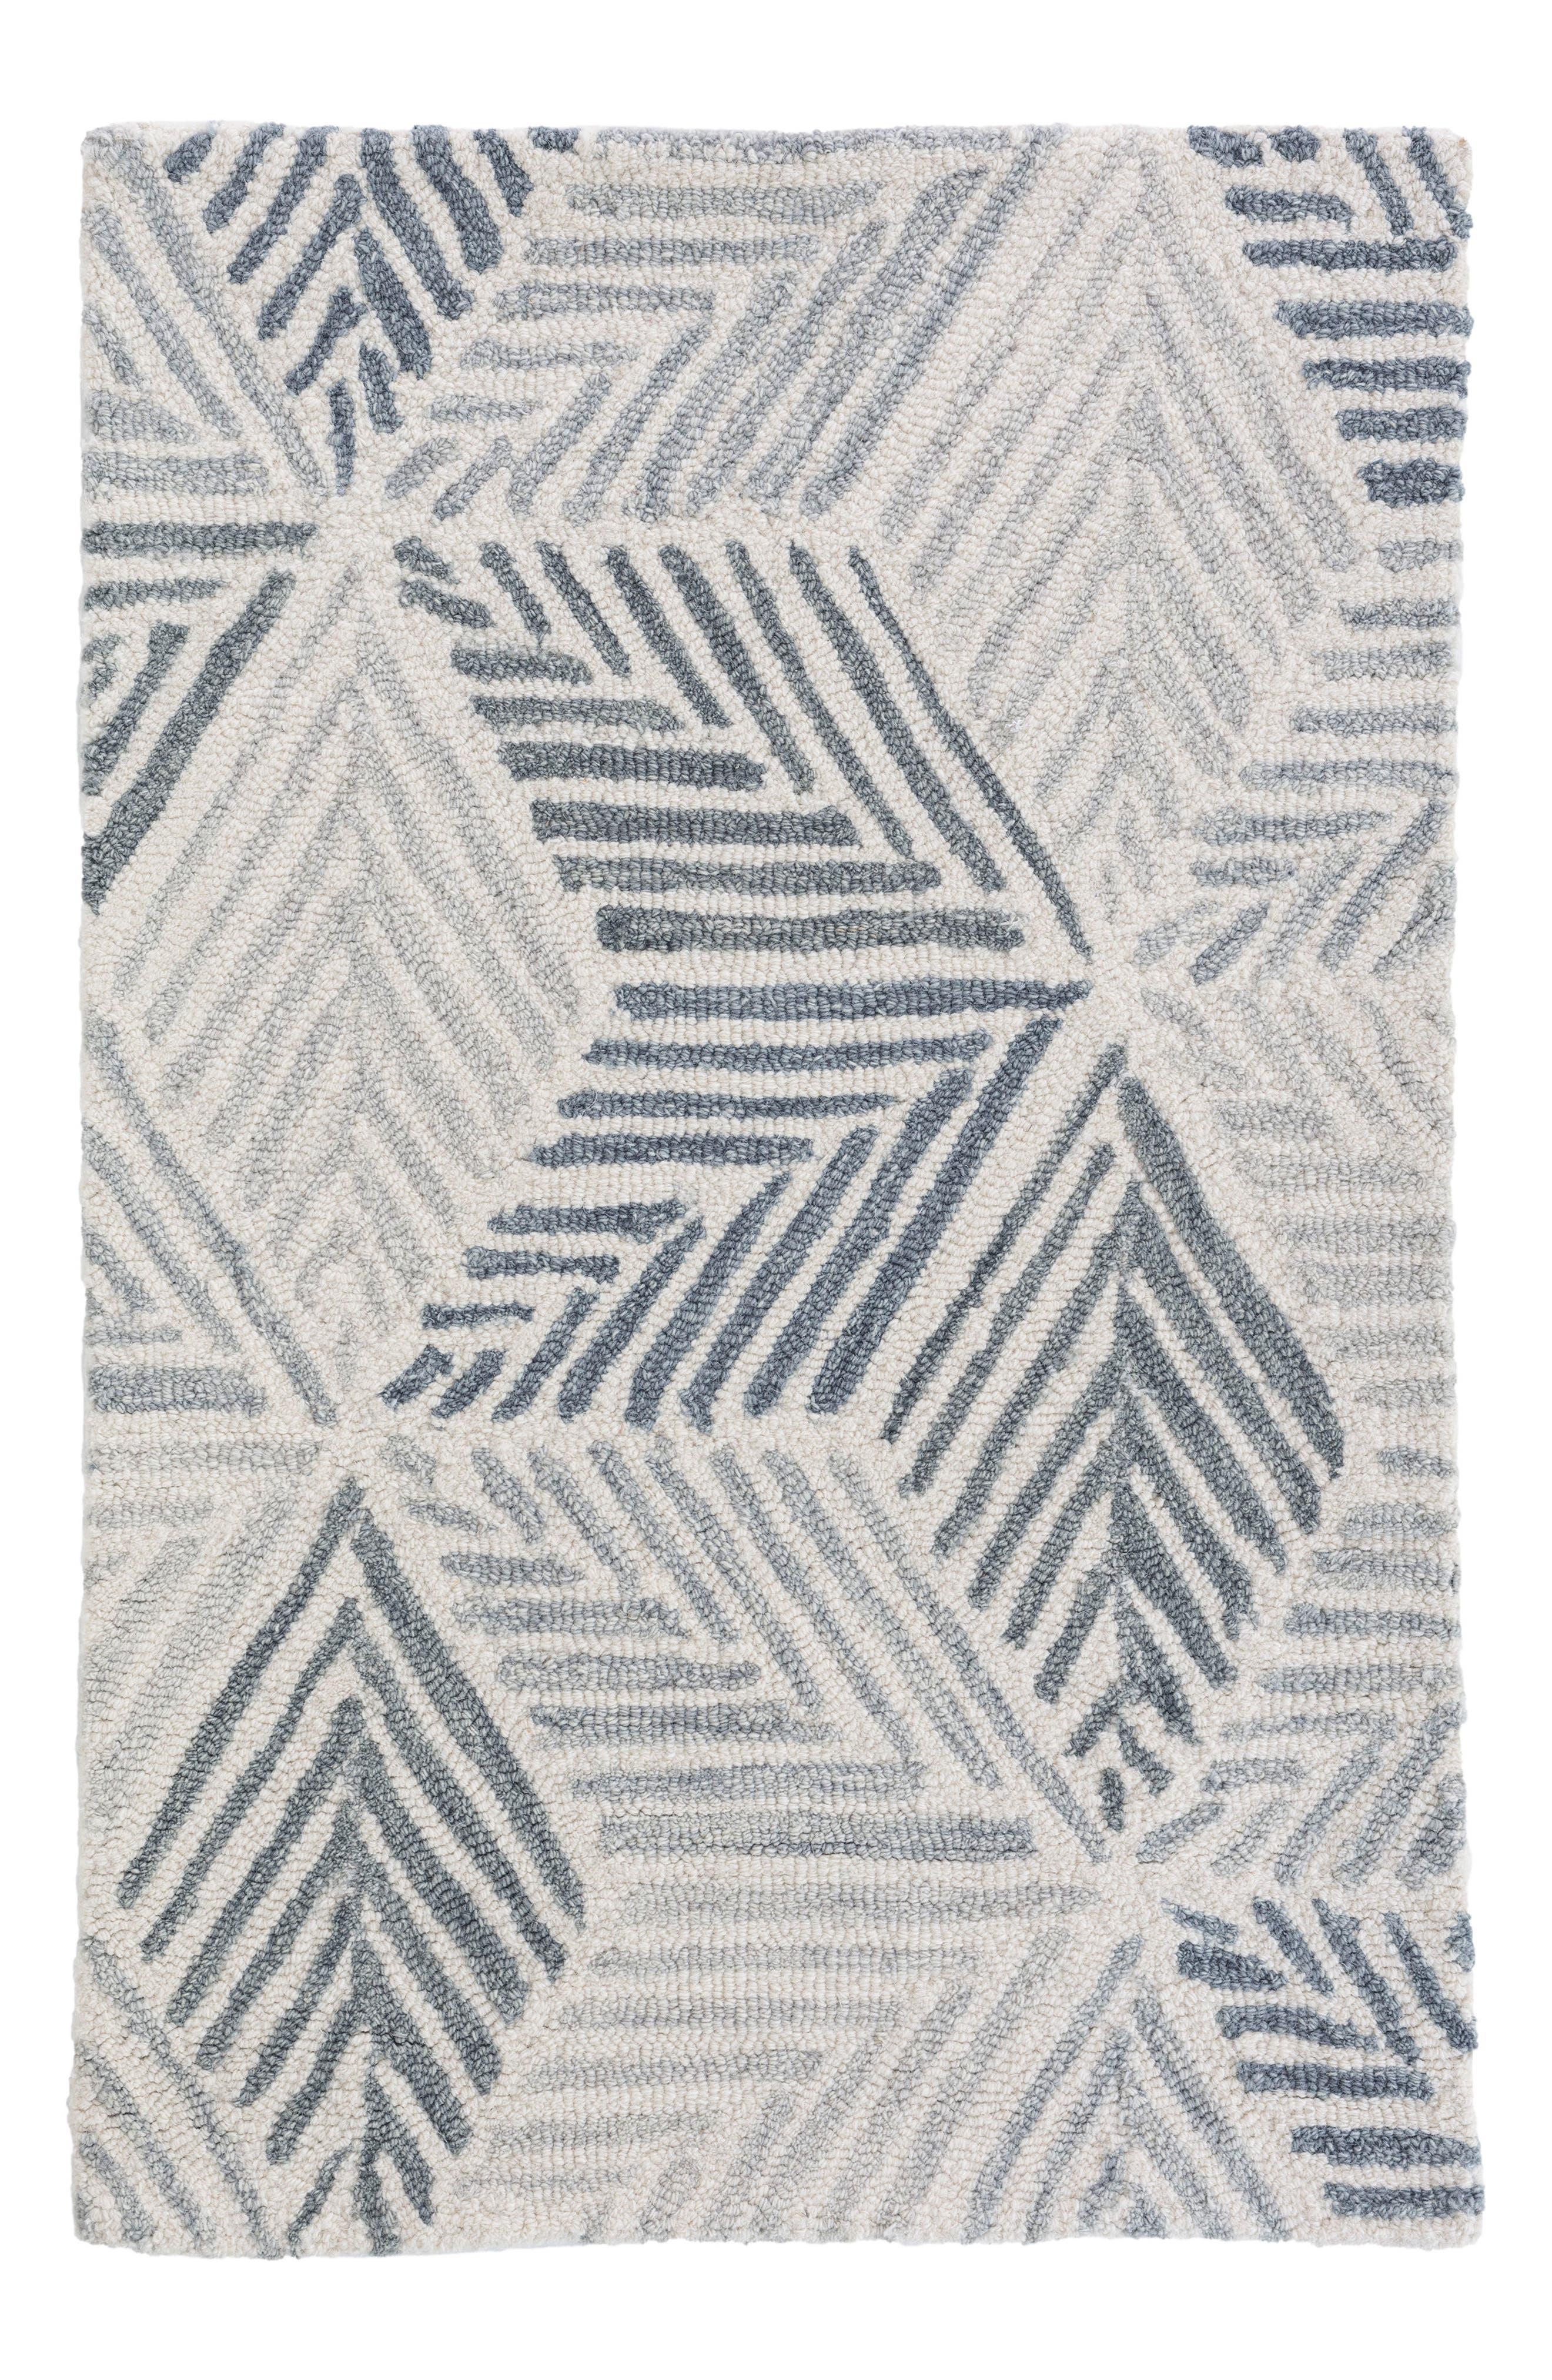 Alternate Image 1 Selected - Dash & Albert Karari Hooked Wool Rug